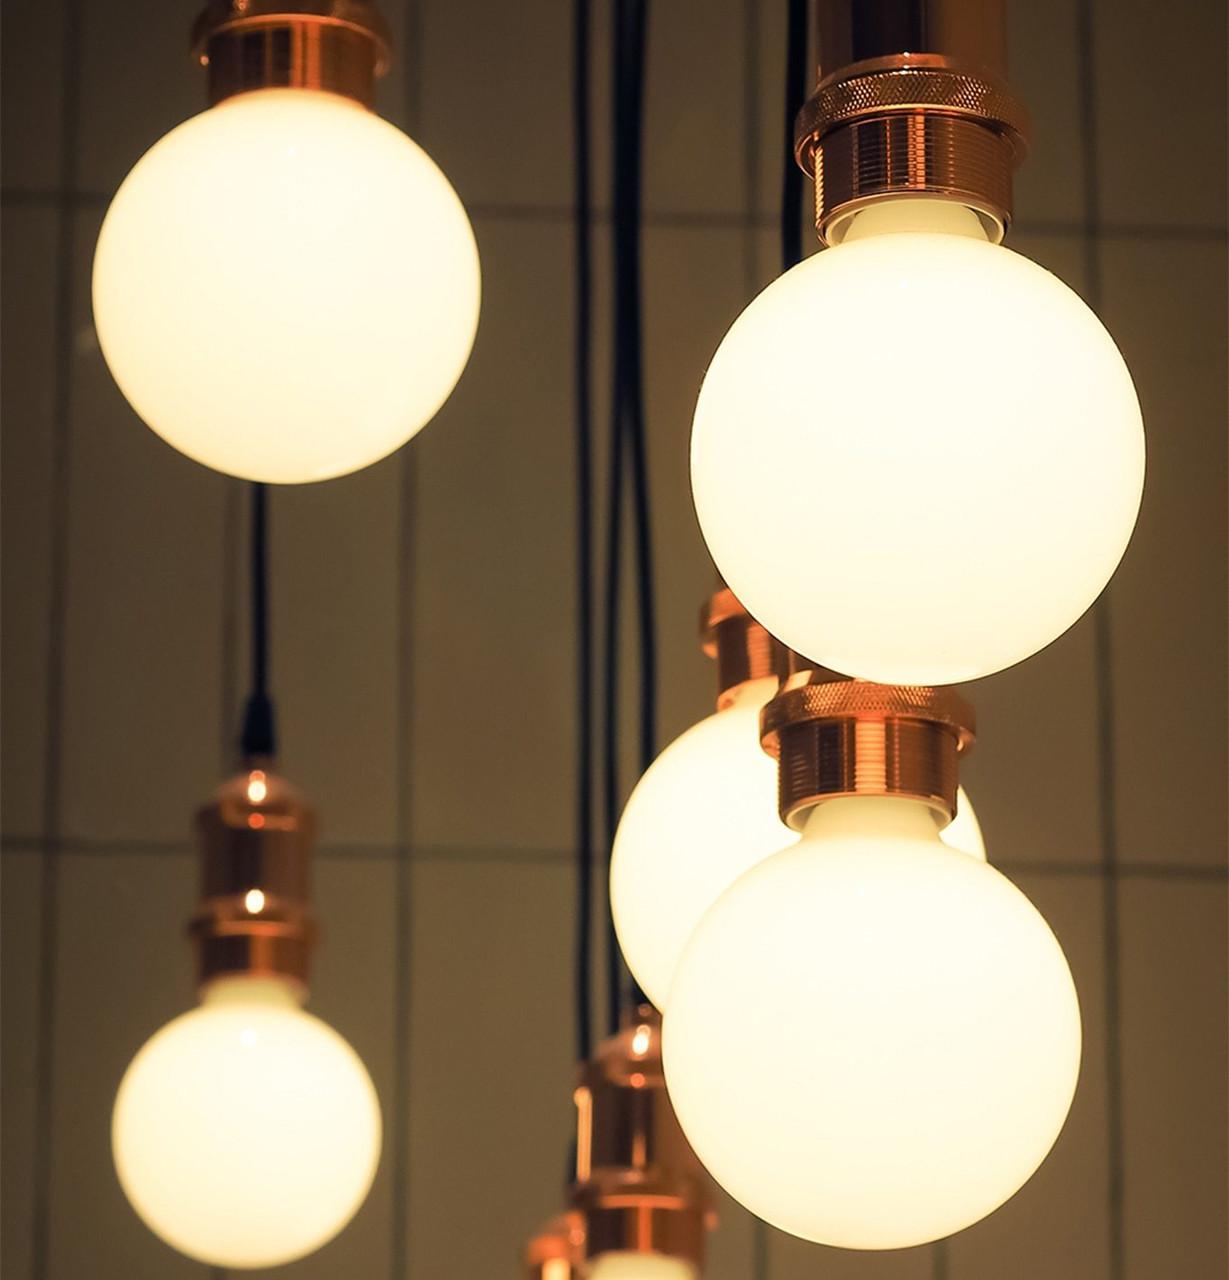 LED Dimmable Globe B22 Light Bulbs